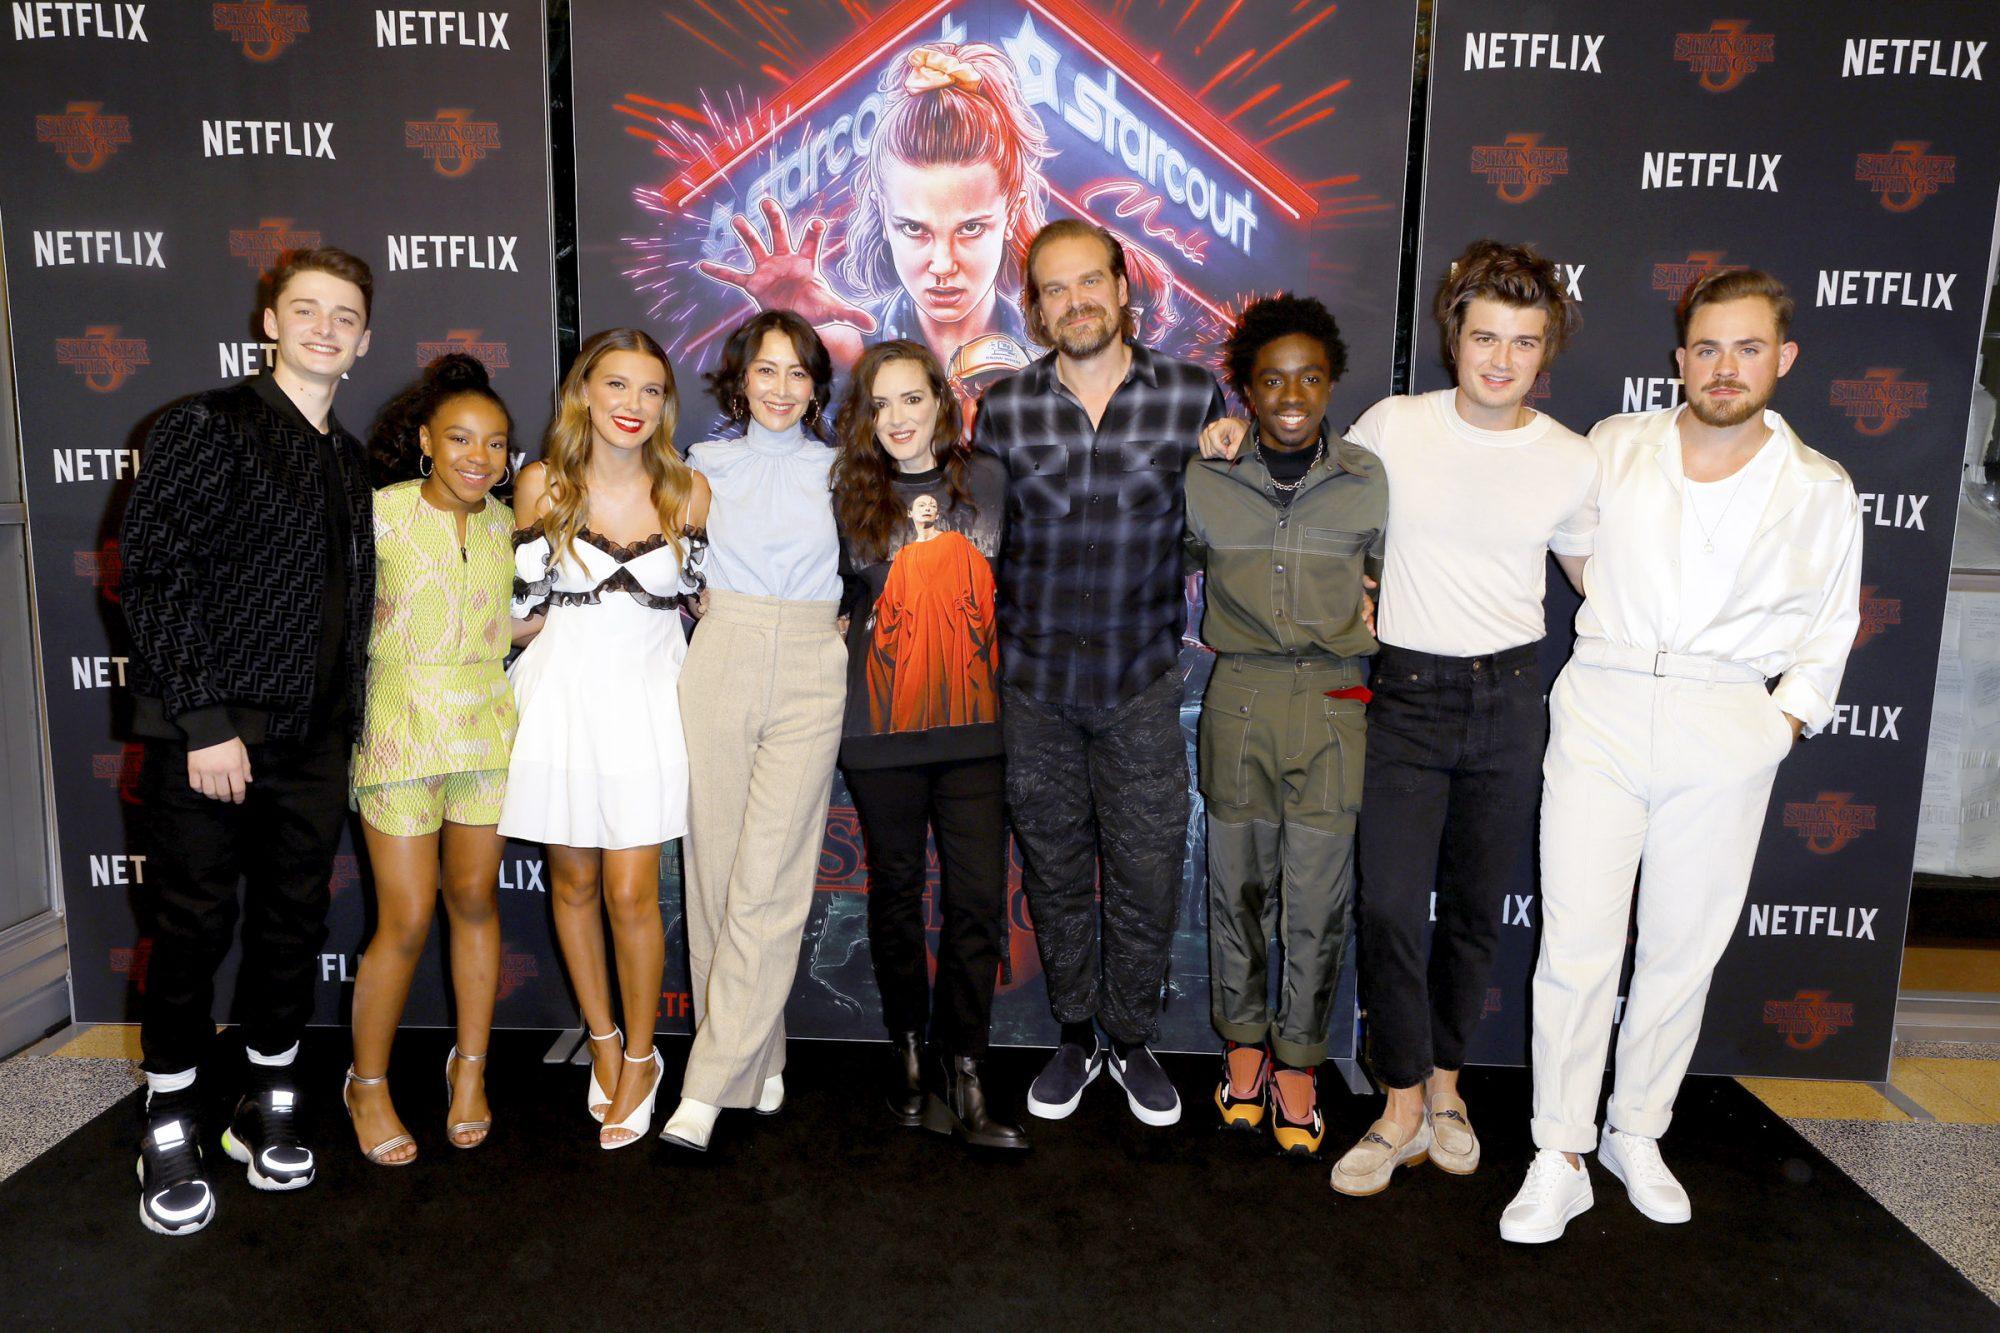 """Photocall For Netflix's """"Stranger Things"""" Season 3"""